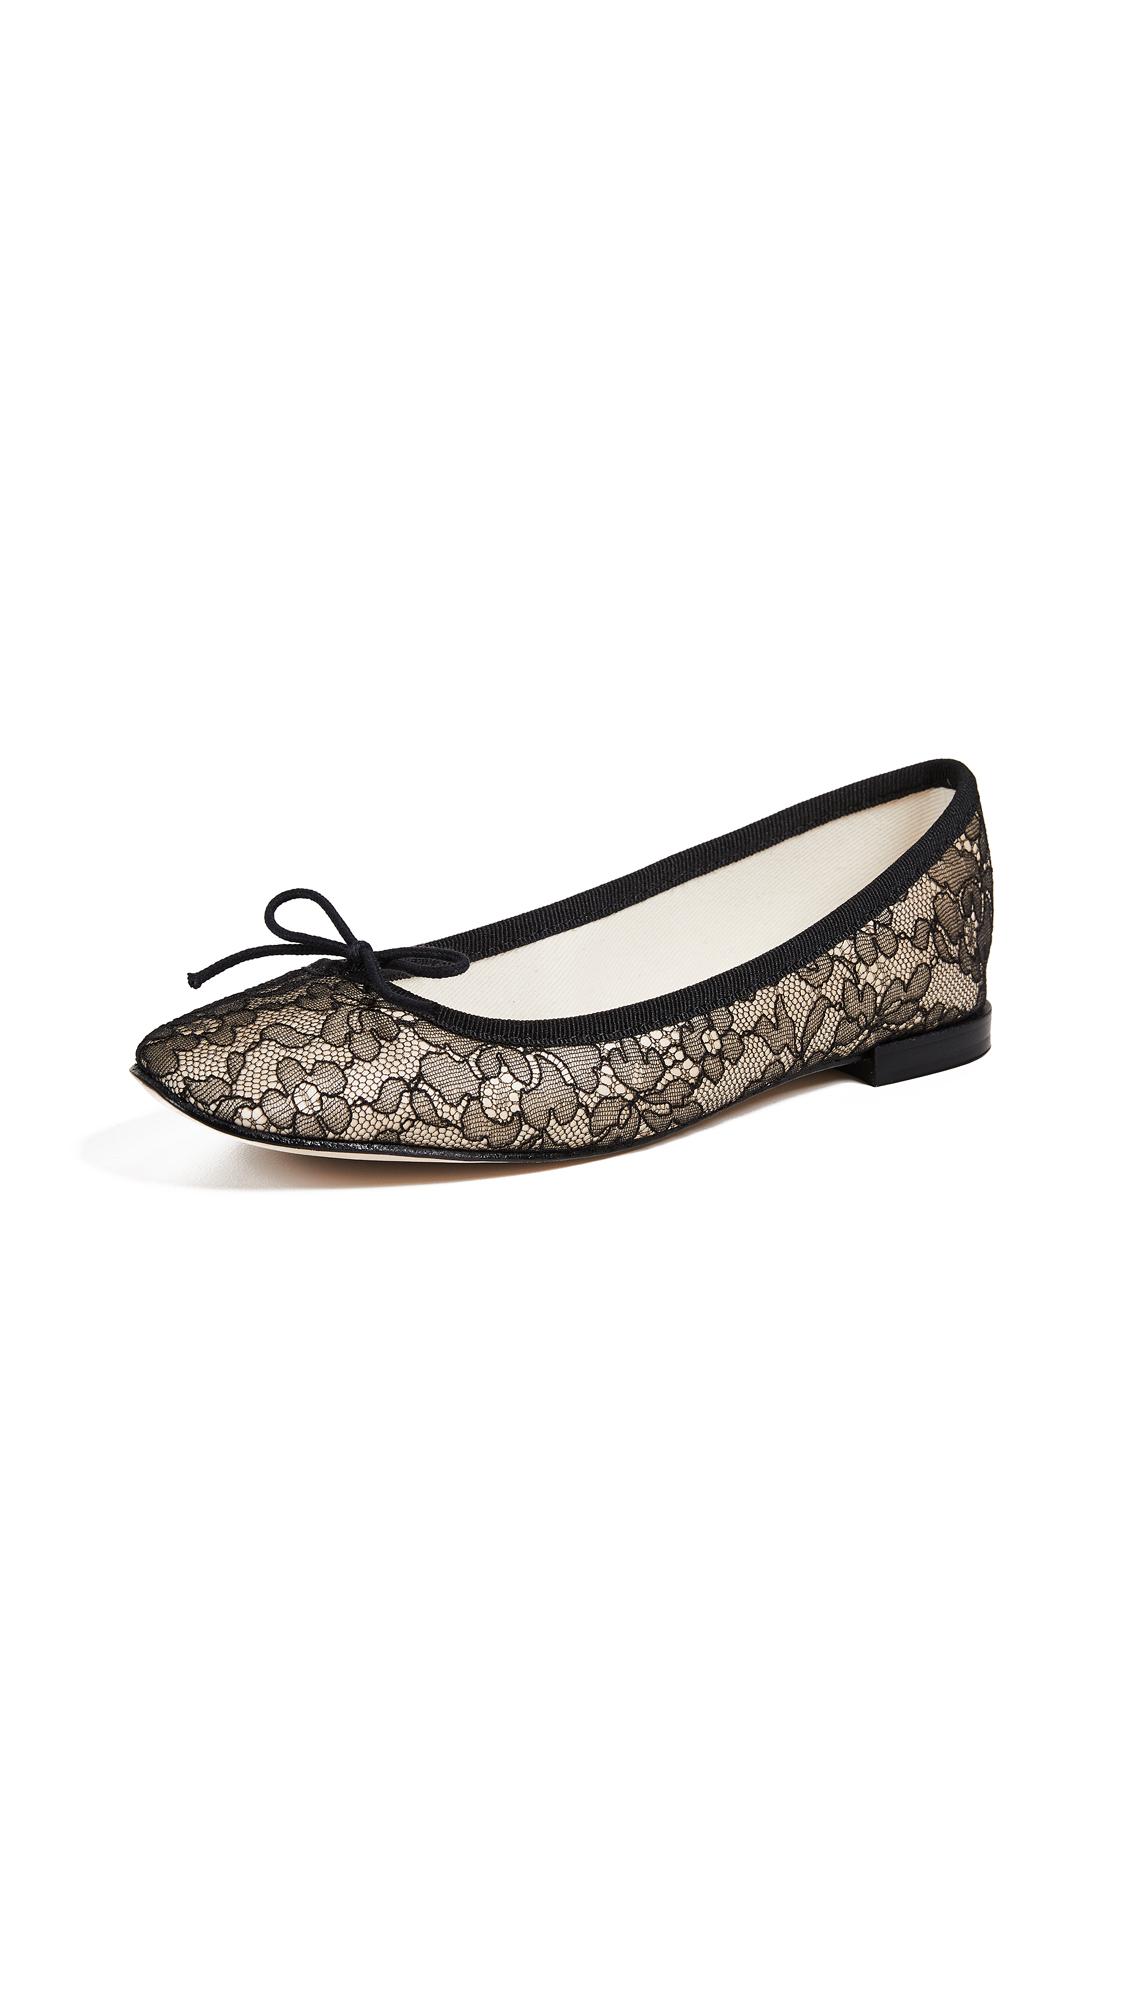 Repetto Cendrillon Ballet Flats - Black